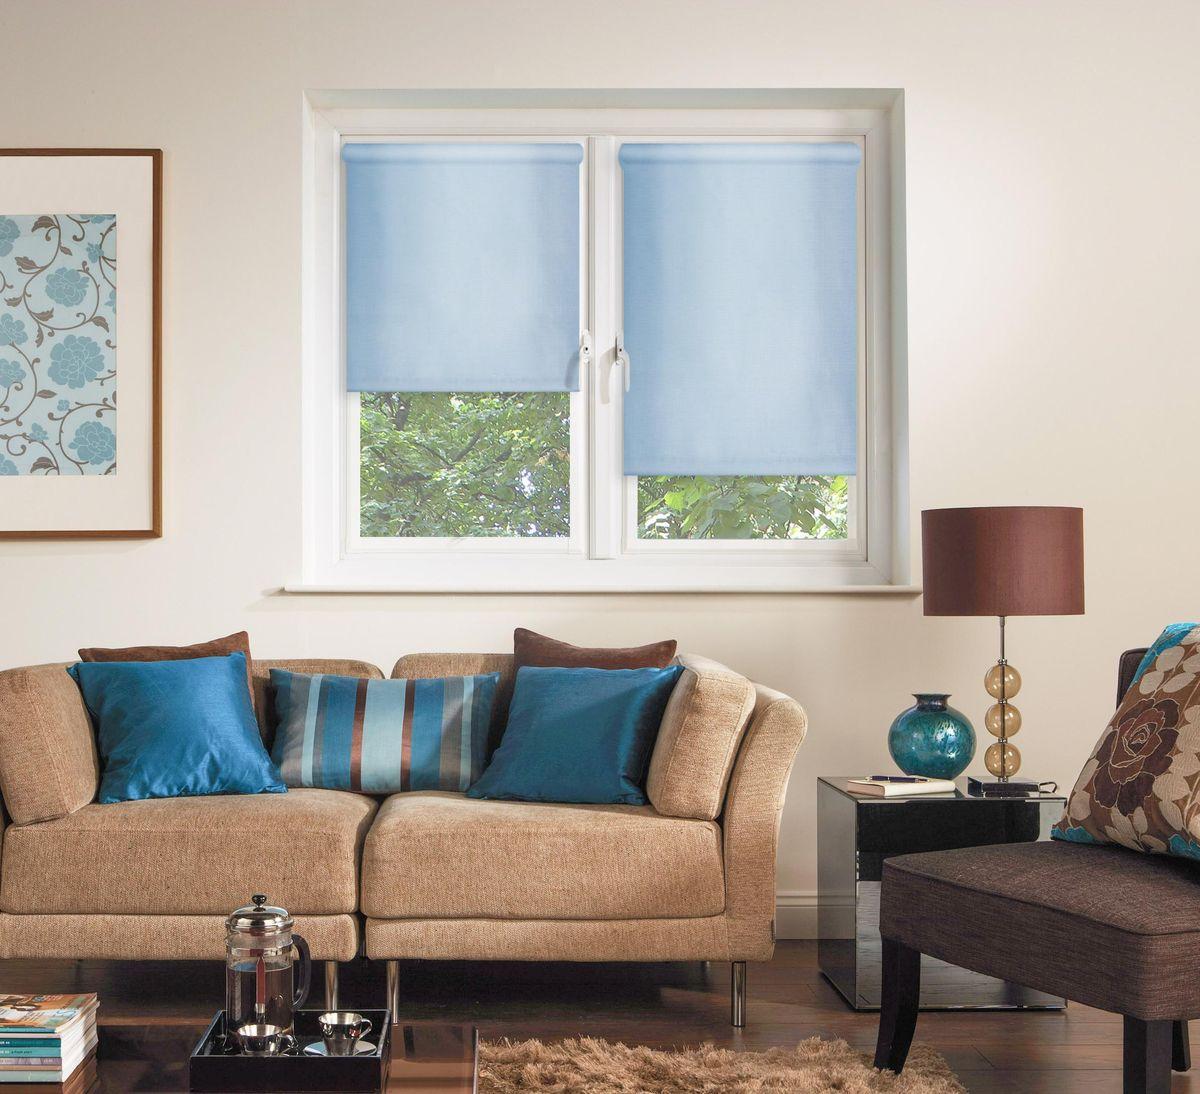 Штора рулонная Эскар, цвет: голубой, ширина 80 см, высота 170 смMW-3101Рулонными шторами можно оформлять окна как самостоятельно, так и использовать в комбинации с портьерами. Это поможет предотвратить выгорание дорогой ткани на солнце и соединит функционал рулонных с красотой навесных.Преимущества применения рулонных штор для пластиковых окон:- имеют прекрасный внешний вид: многообразие и фактурность материала изделия отлично смотрятся в любом интерьере; - многофункциональны: есть возможность подобрать шторы способные эффективно защитить комнату от солнца, при этом о на не будет слишком темной. - Есть возможность осуществить быстрый монтаж. ВНИМАНИЕ! Размеры ширины изделия указаны по ширине ткани!Во время эксплуатации не рекомендуется полностью разматывать рулон, чтобы не оторвать ткань от намоточного вала.В случае загрязнения поверхности ткани, чистку шторы проводят одним из способов, в зависимости от типа загрязнения: легкое поверхностное загрязнение можно удалить при помощи канцелярского ластика; чистка от пыли производится сухим методом при помощи пылесоса с мягкой щеткой-насадкой; для удаления пятна используйте мягкую губку с пенообразующим неагрессивным моющим средством или пятновыводитель на натуральной основе (нельзя применять растворители).